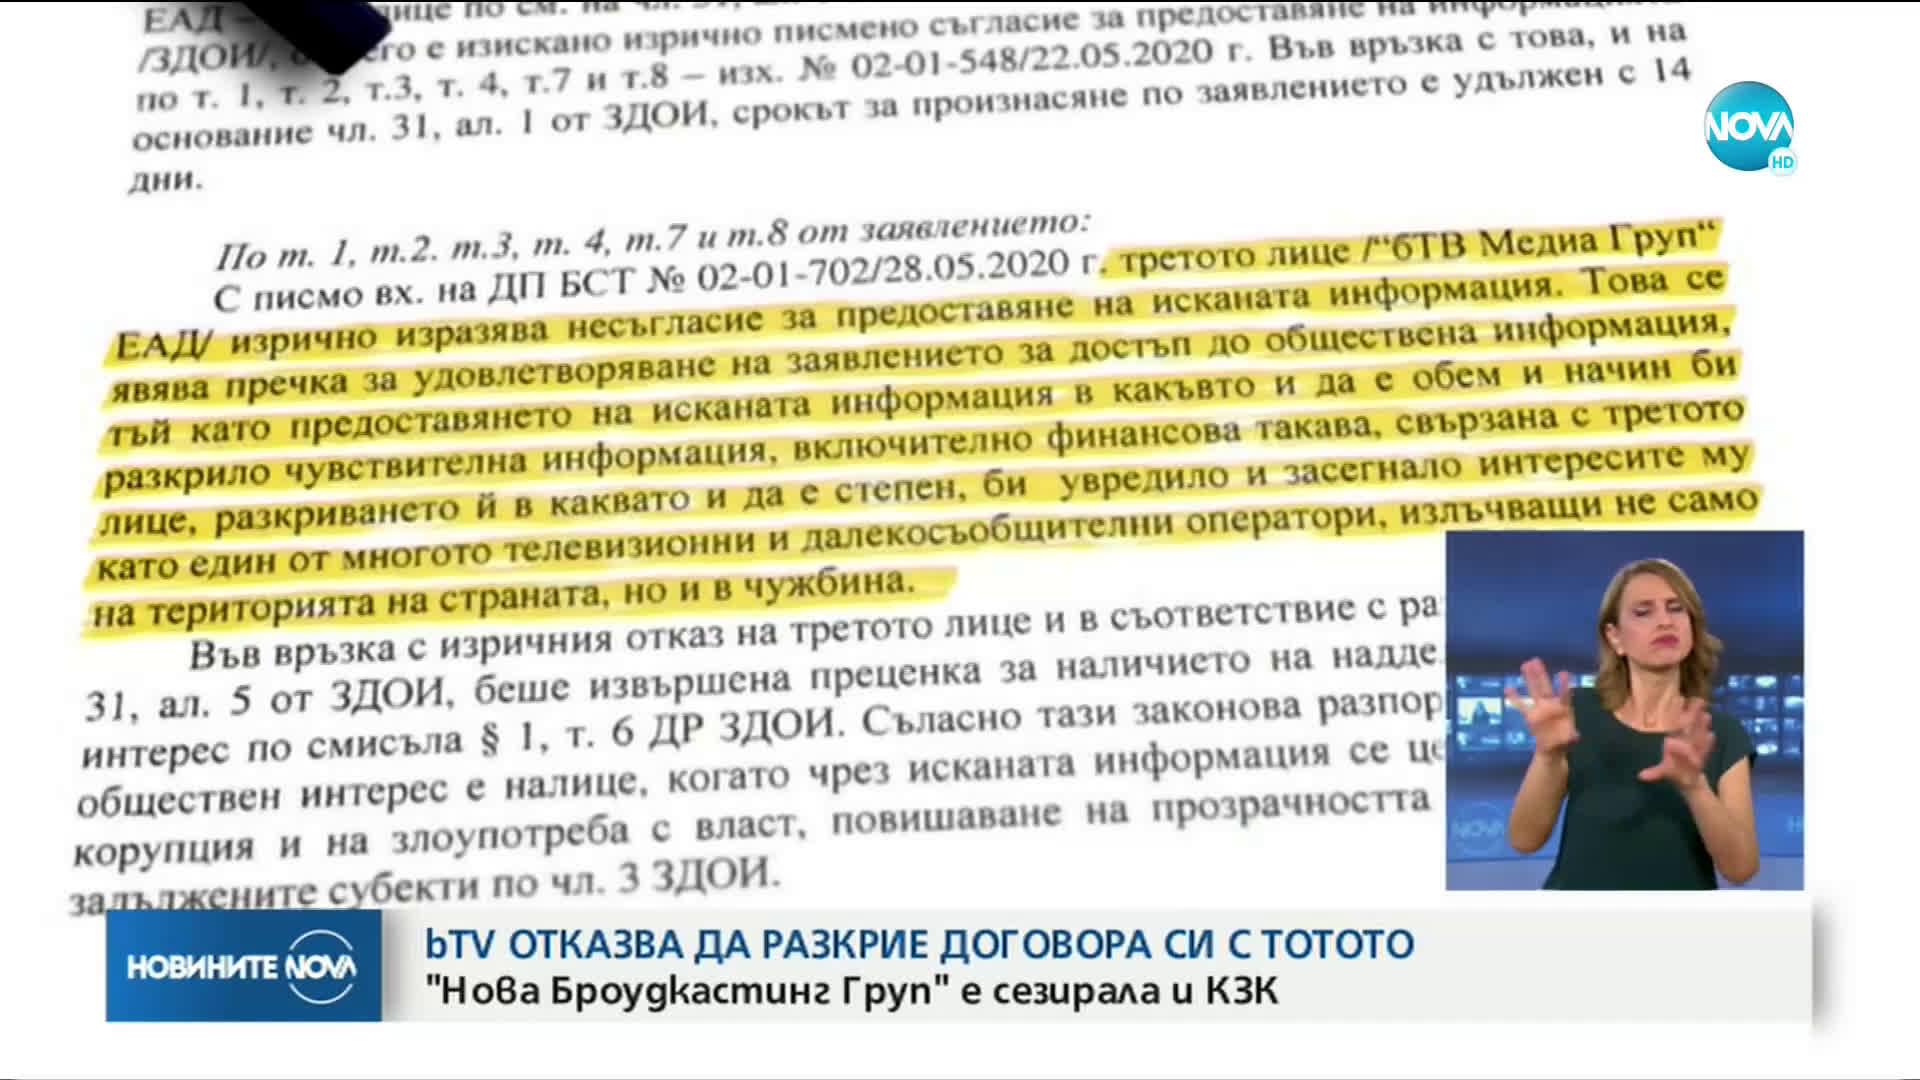 """""""bTV медия груп"""" отказва да разкрие условията по договора си с държавния тотализатор"""